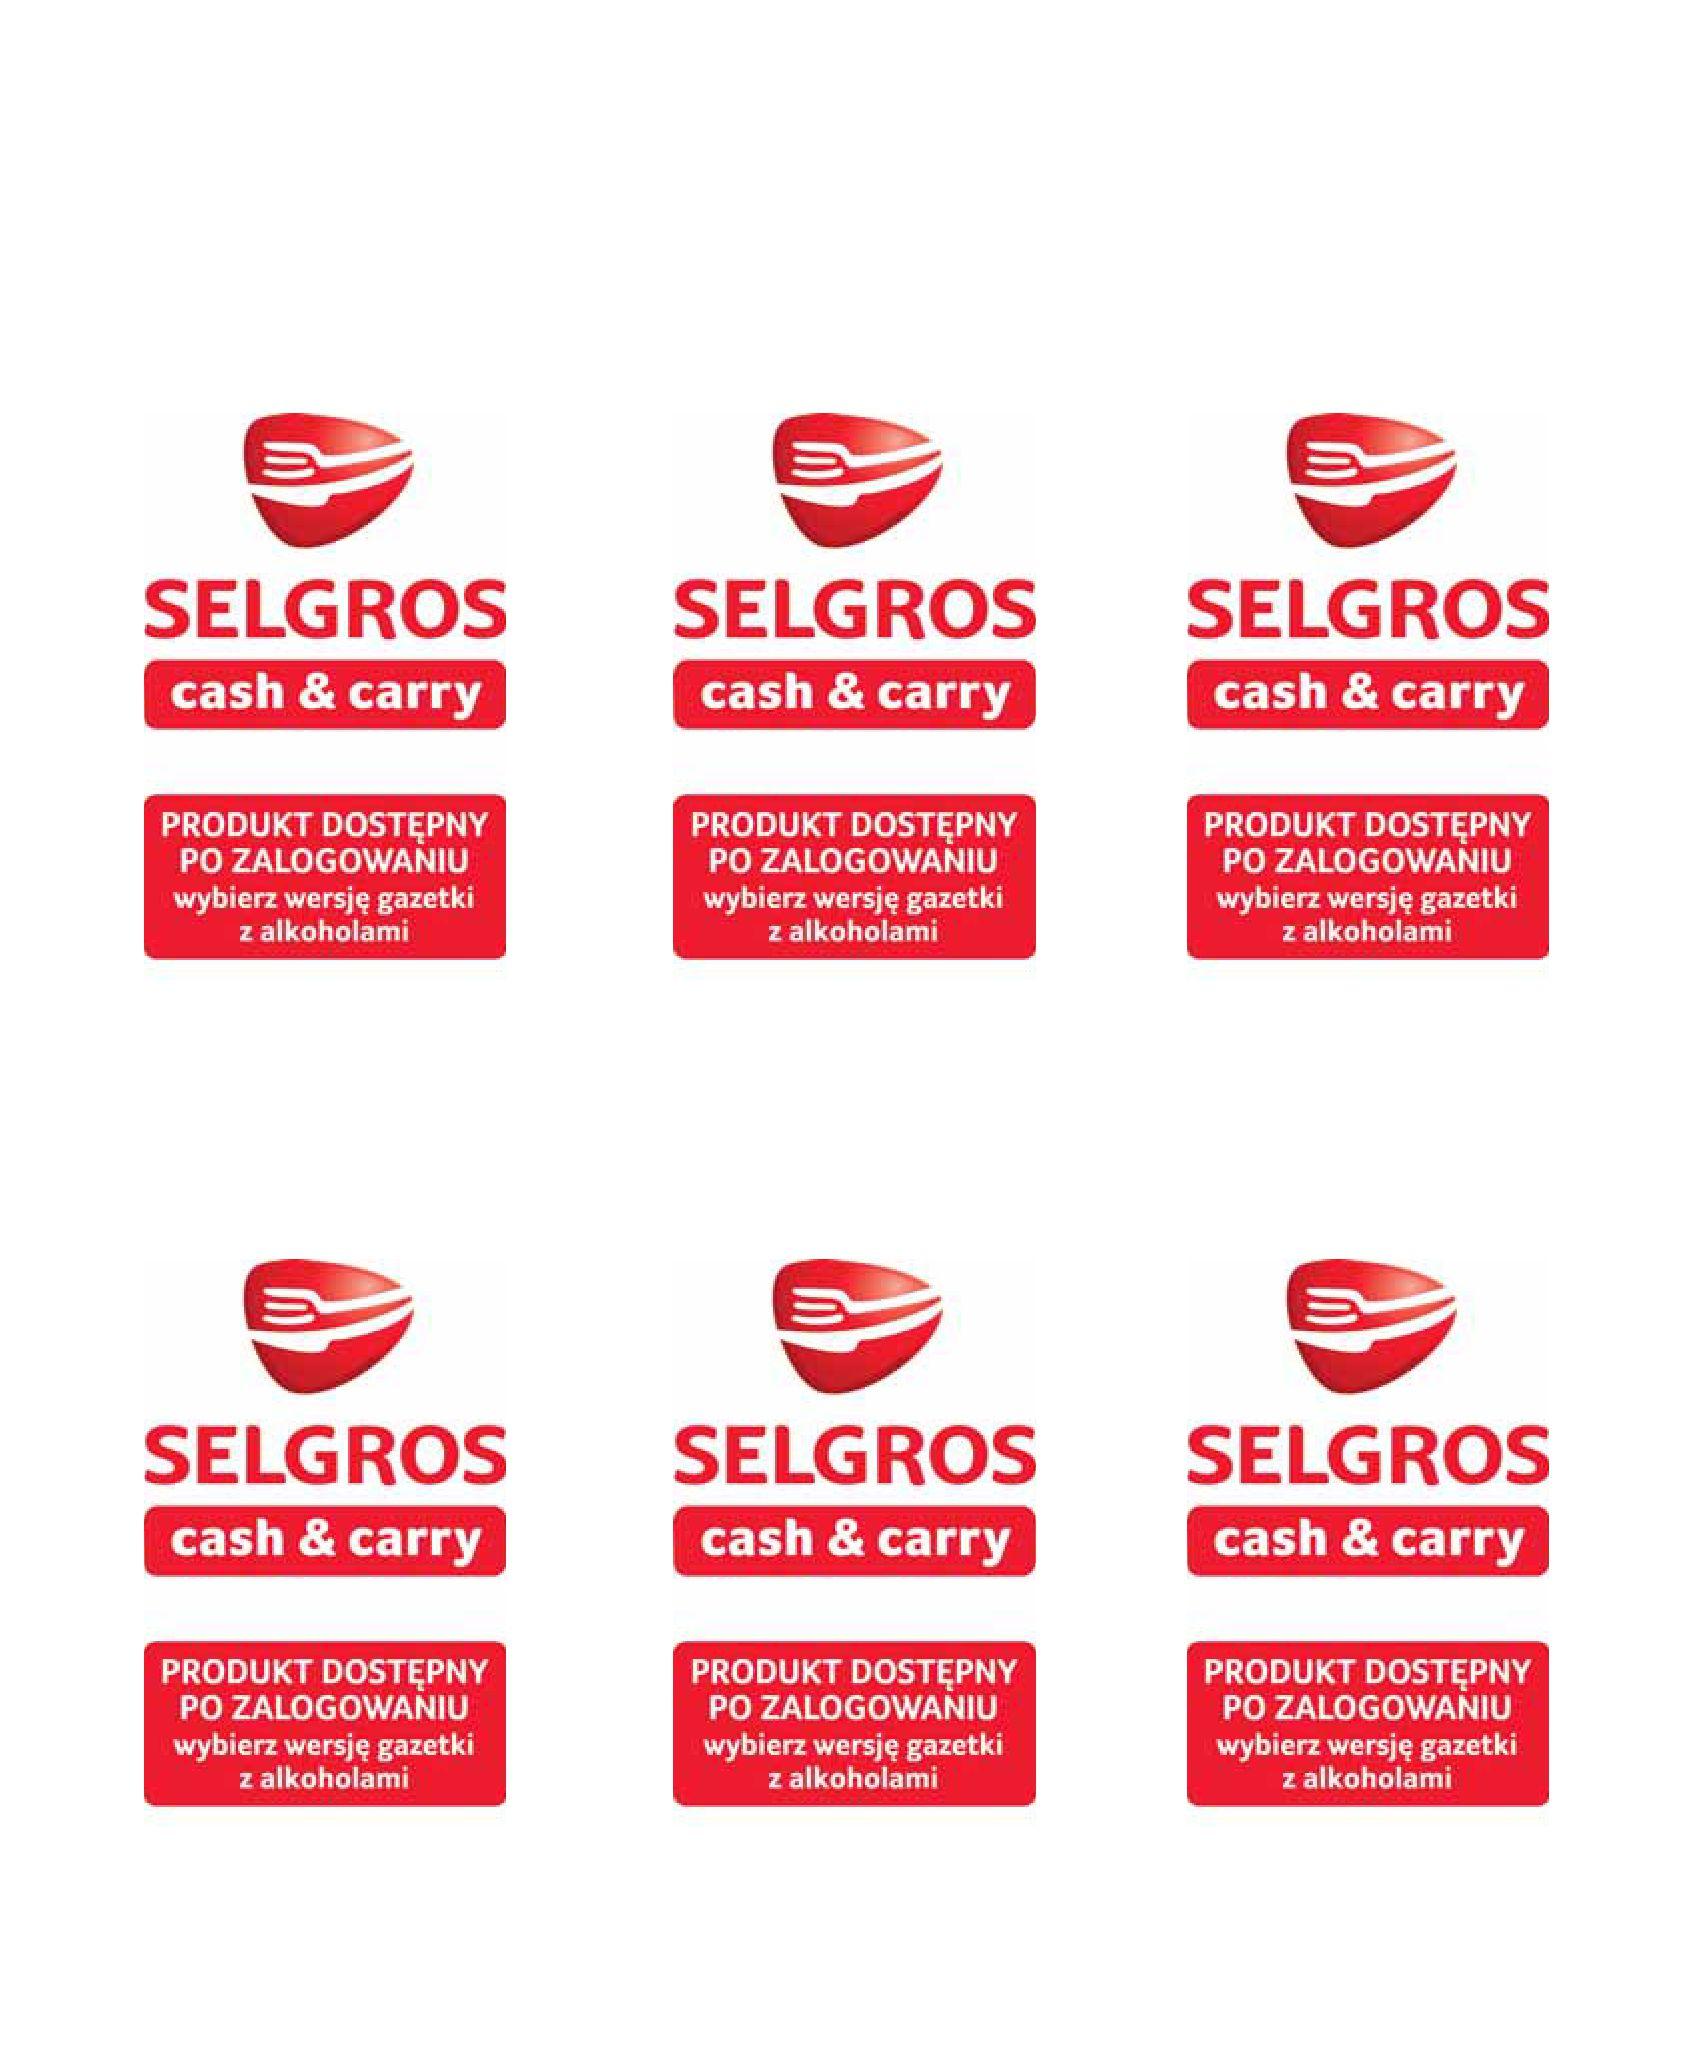 Gazetka Selgros - Oferta spożywcza-18.11.2020-02.12.2020-page-36